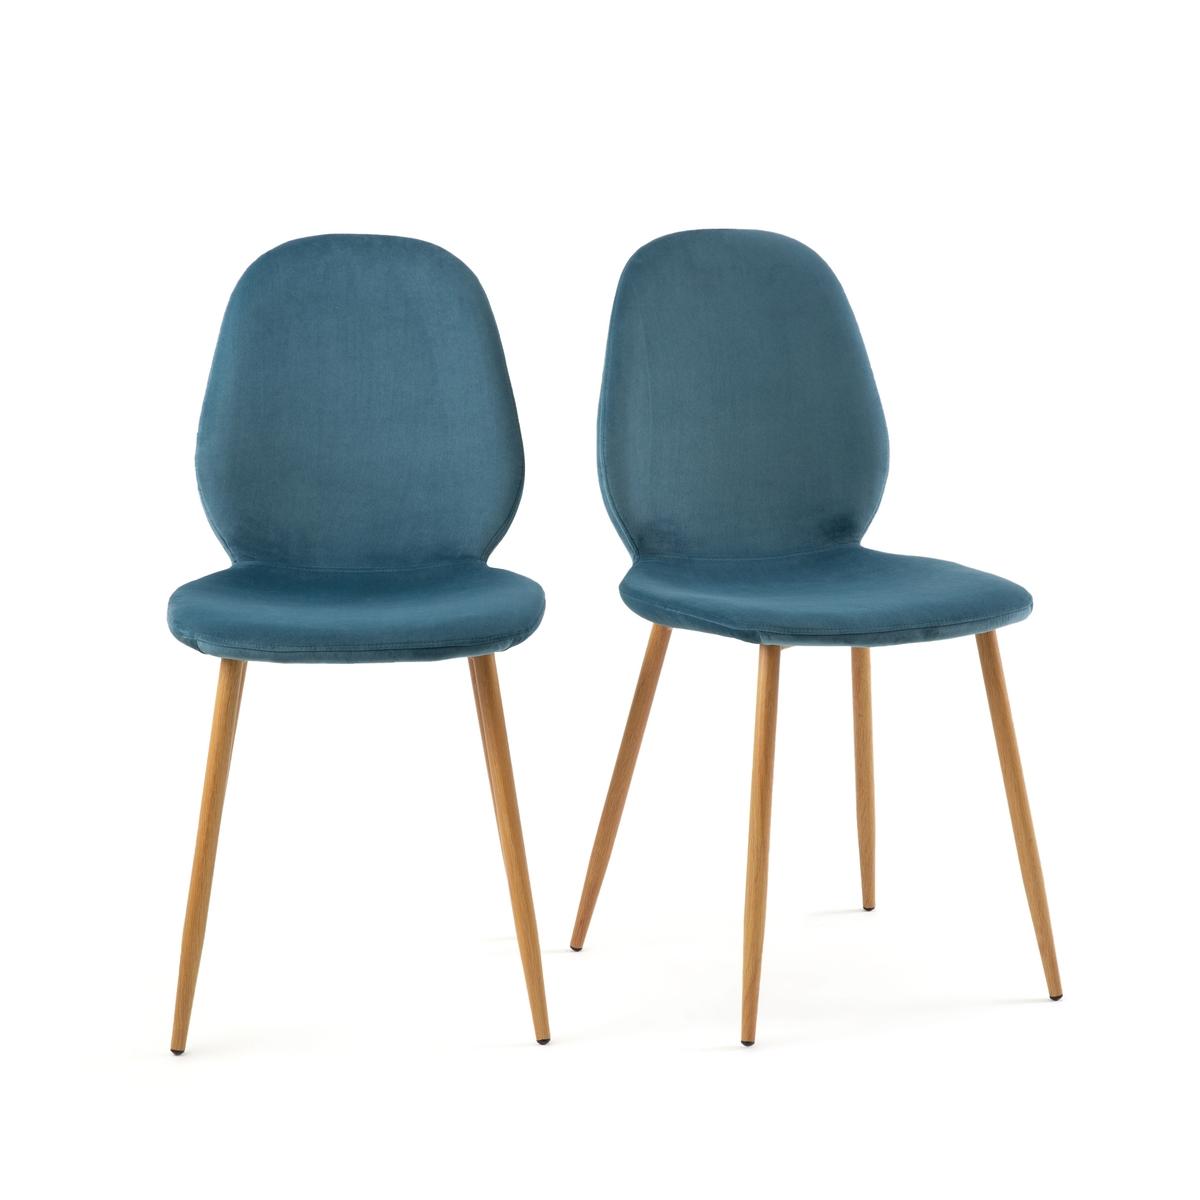 Комплект из 2 стульев Lavergne La Redoute La Redoute единый размер синий комплект из высоких стульев la redoute bistro единый размер бежевый